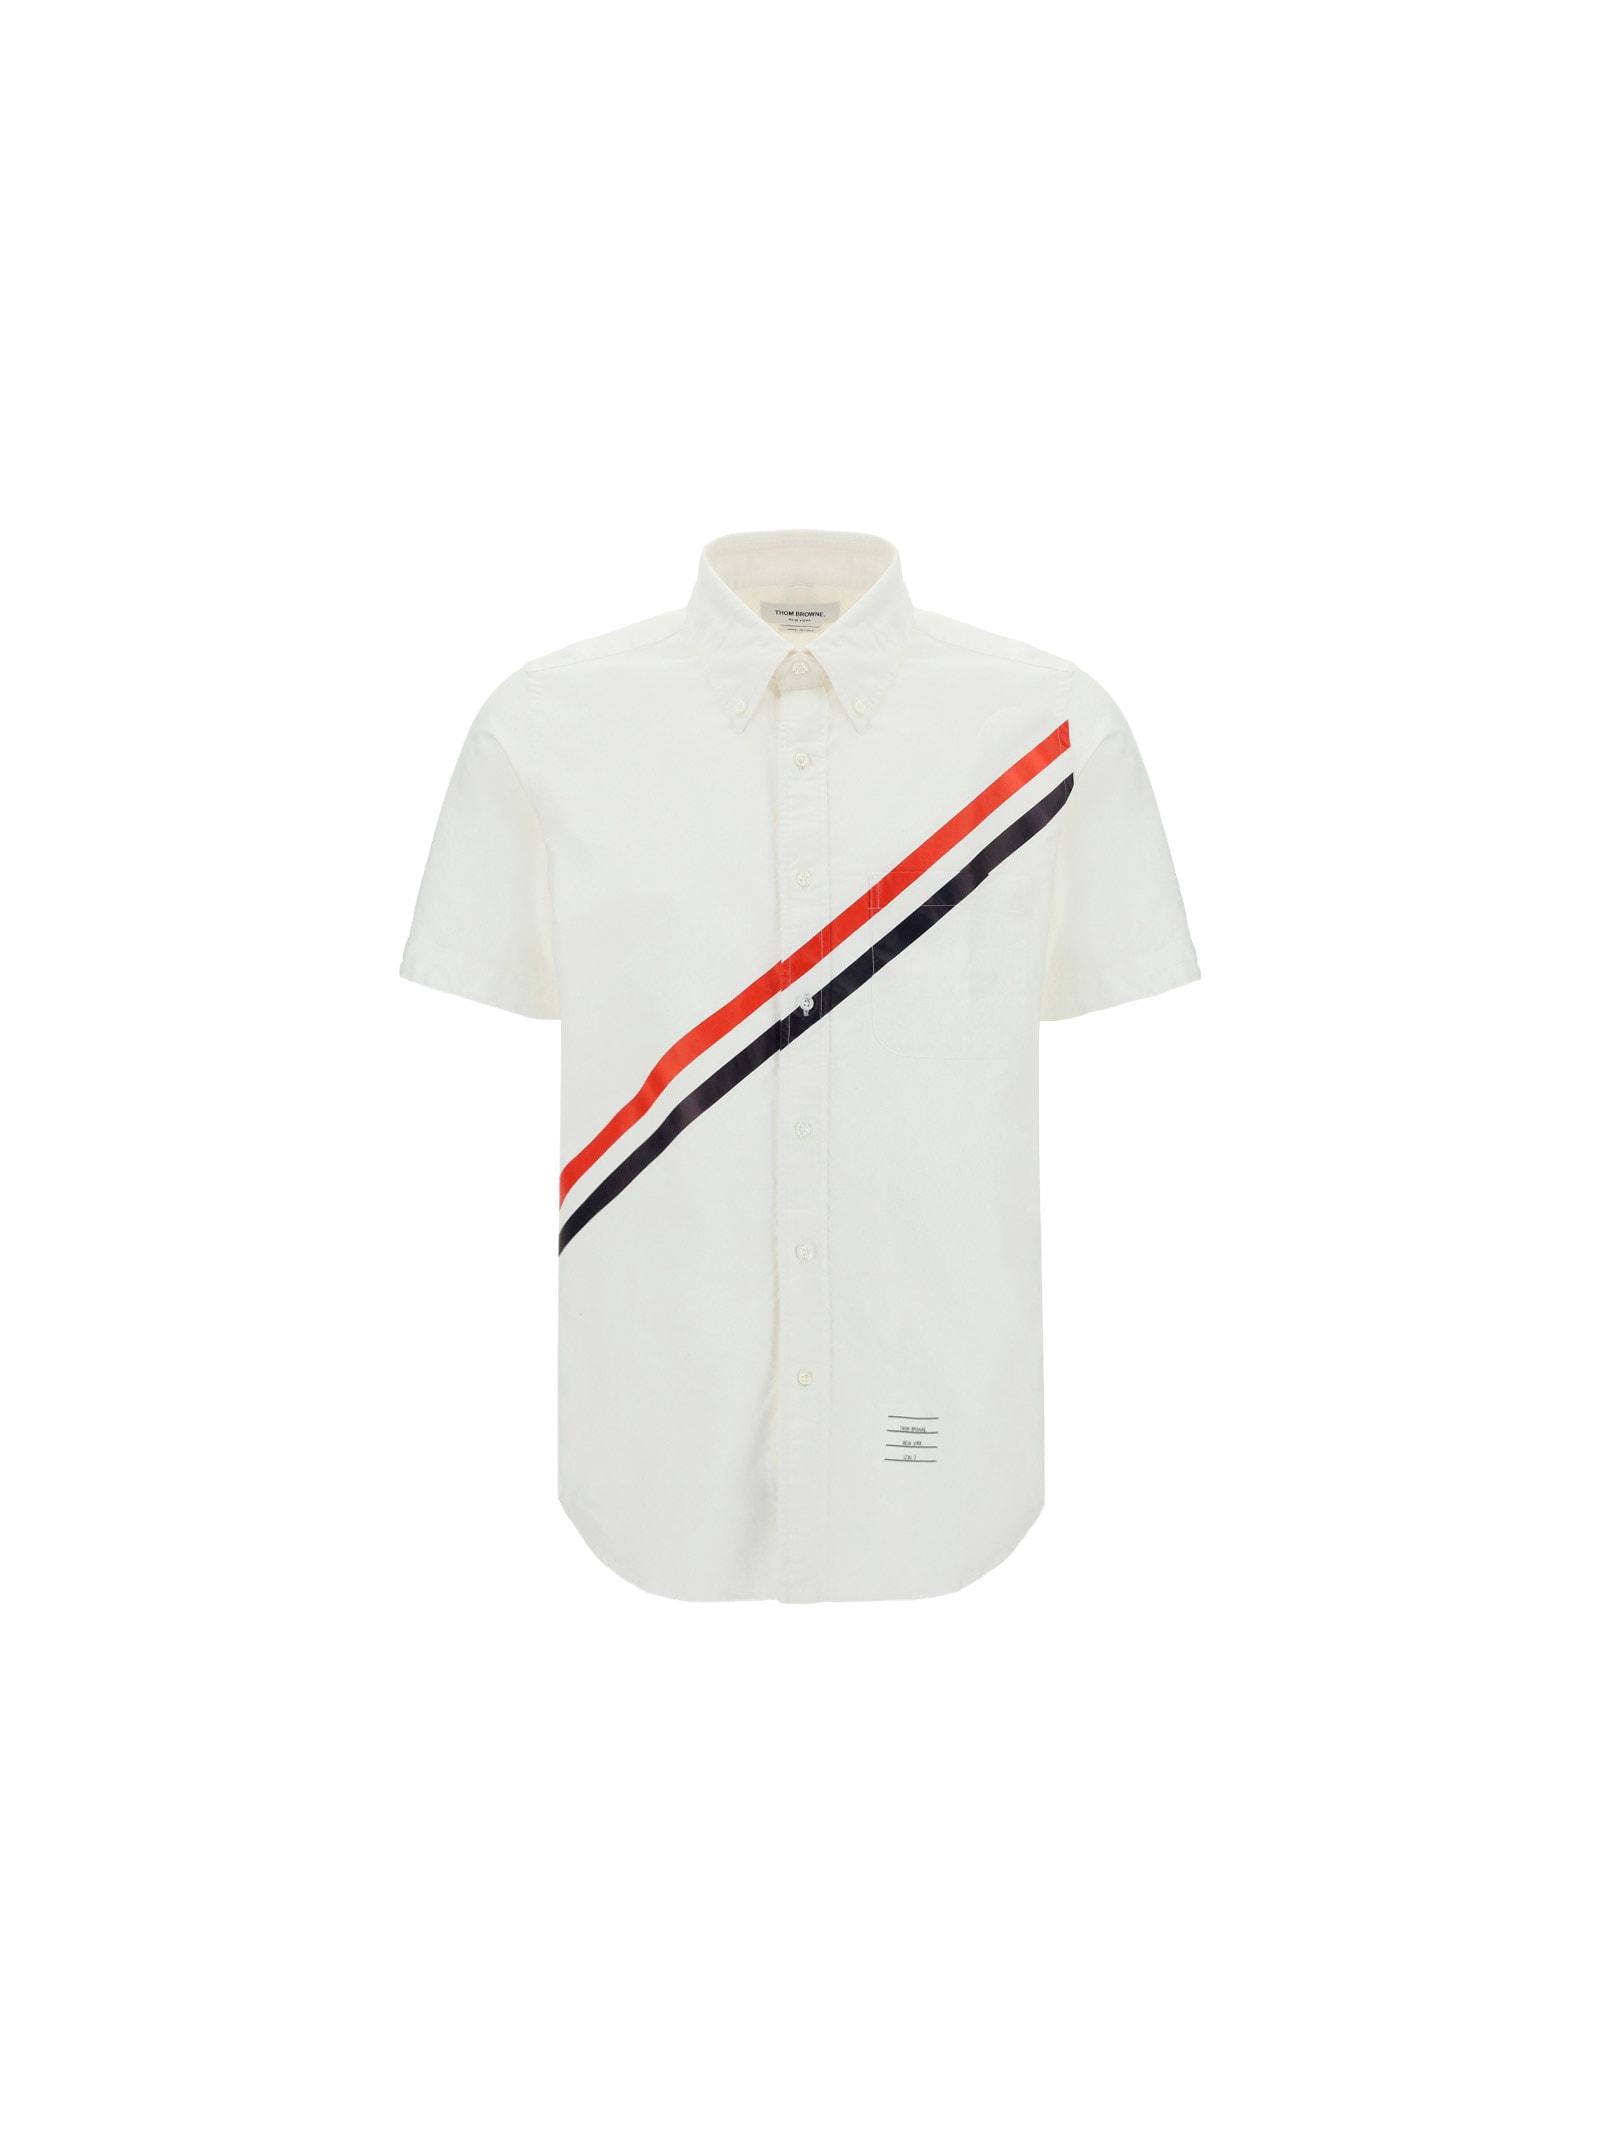 Thom Browne Clothing SHIRT